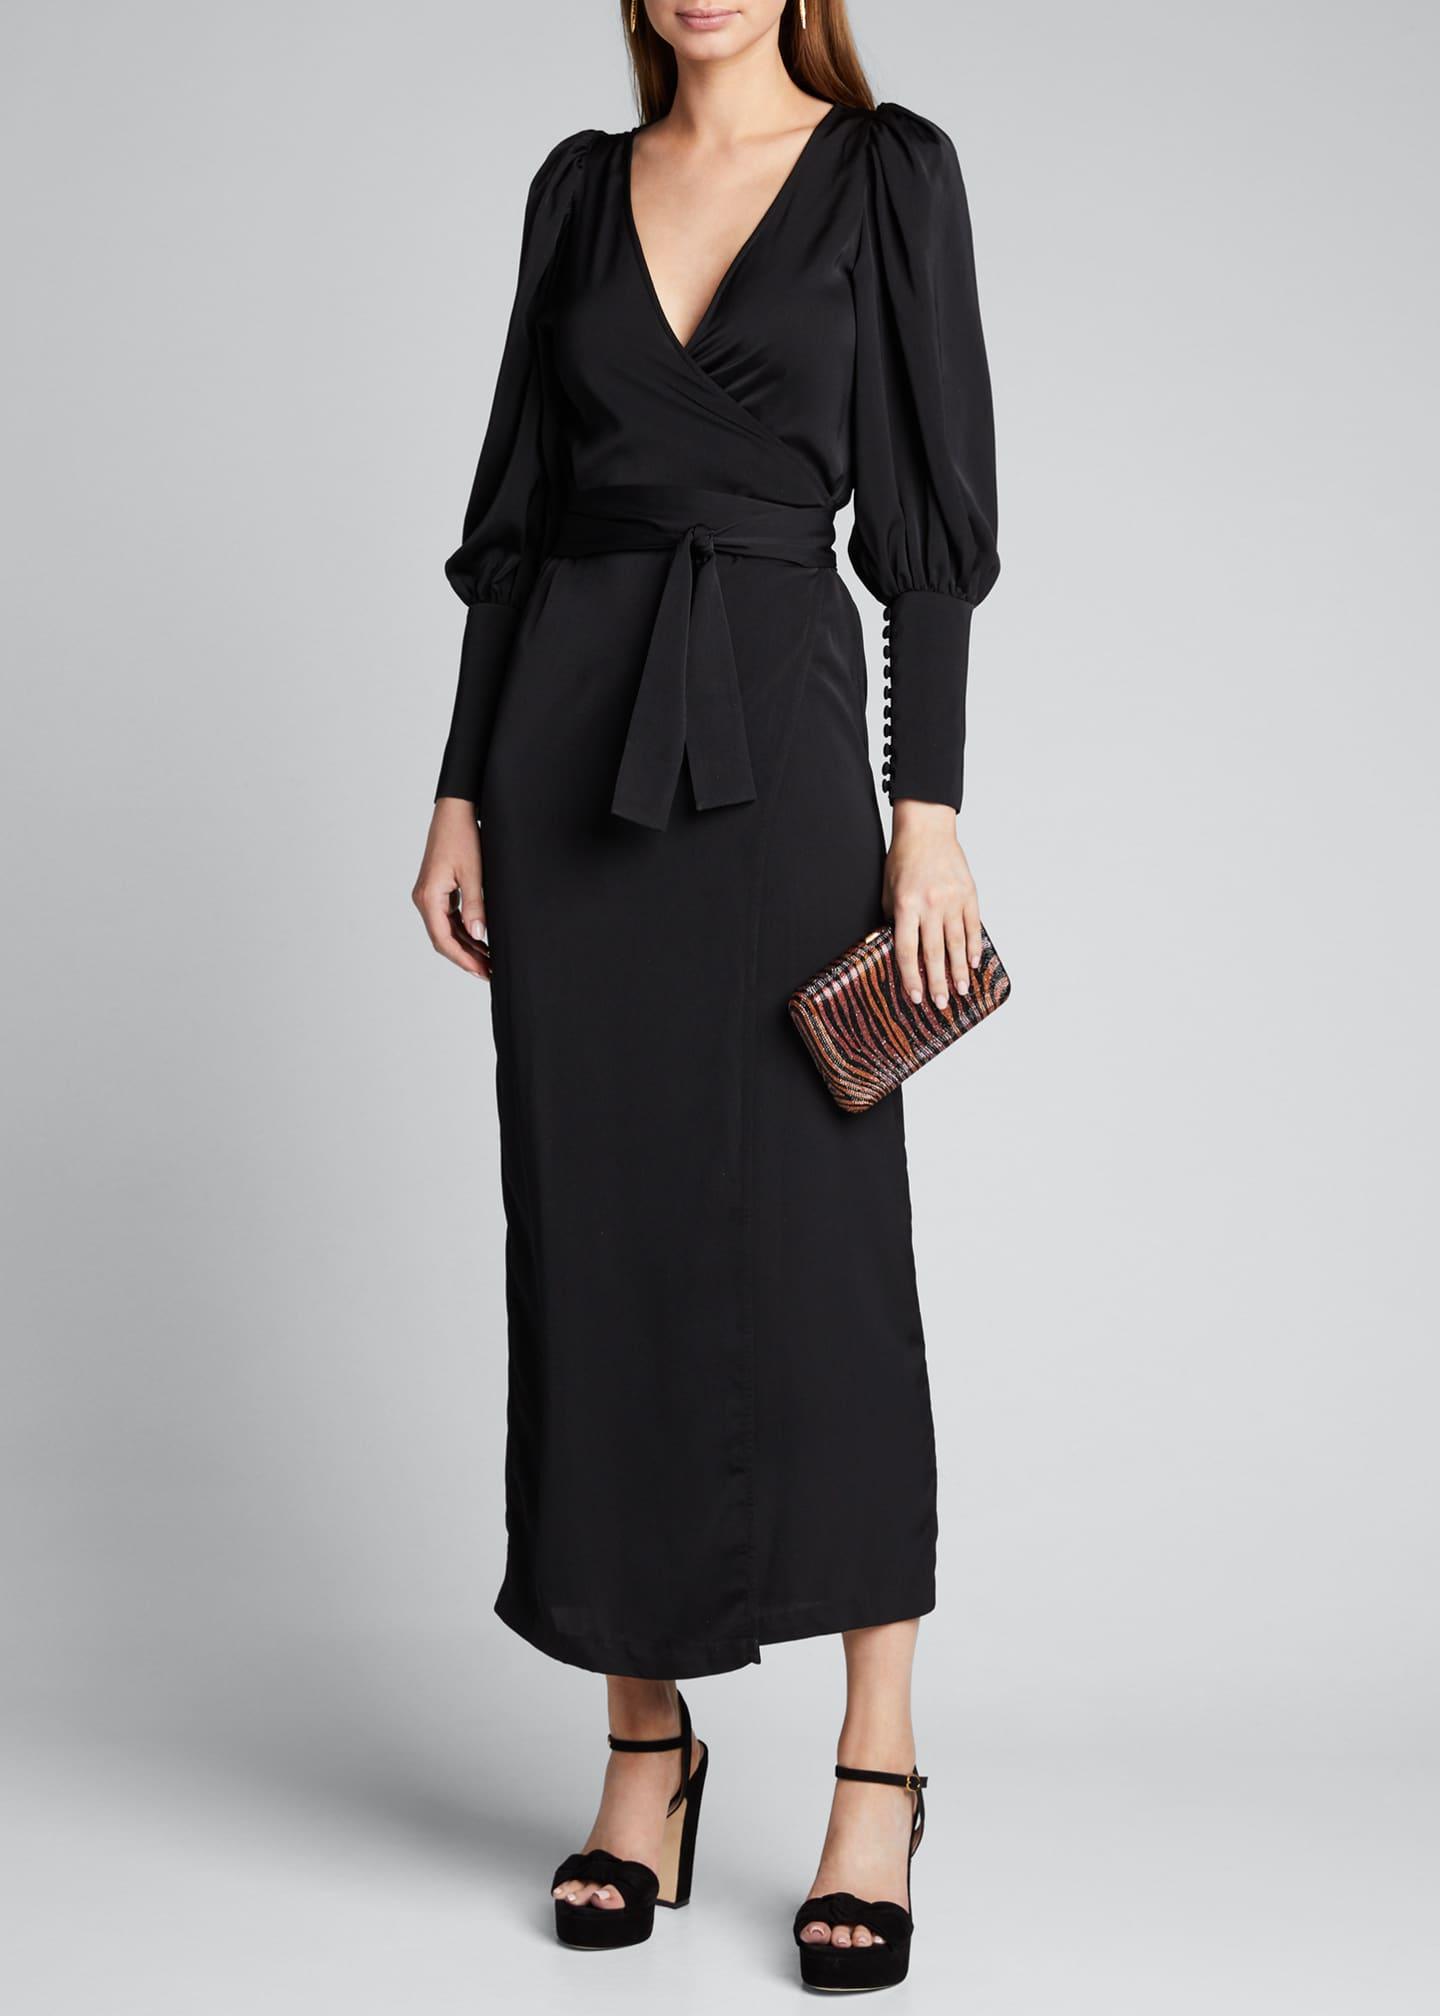 Rhode Aspen Blouson-Sleeve Wrap Dress